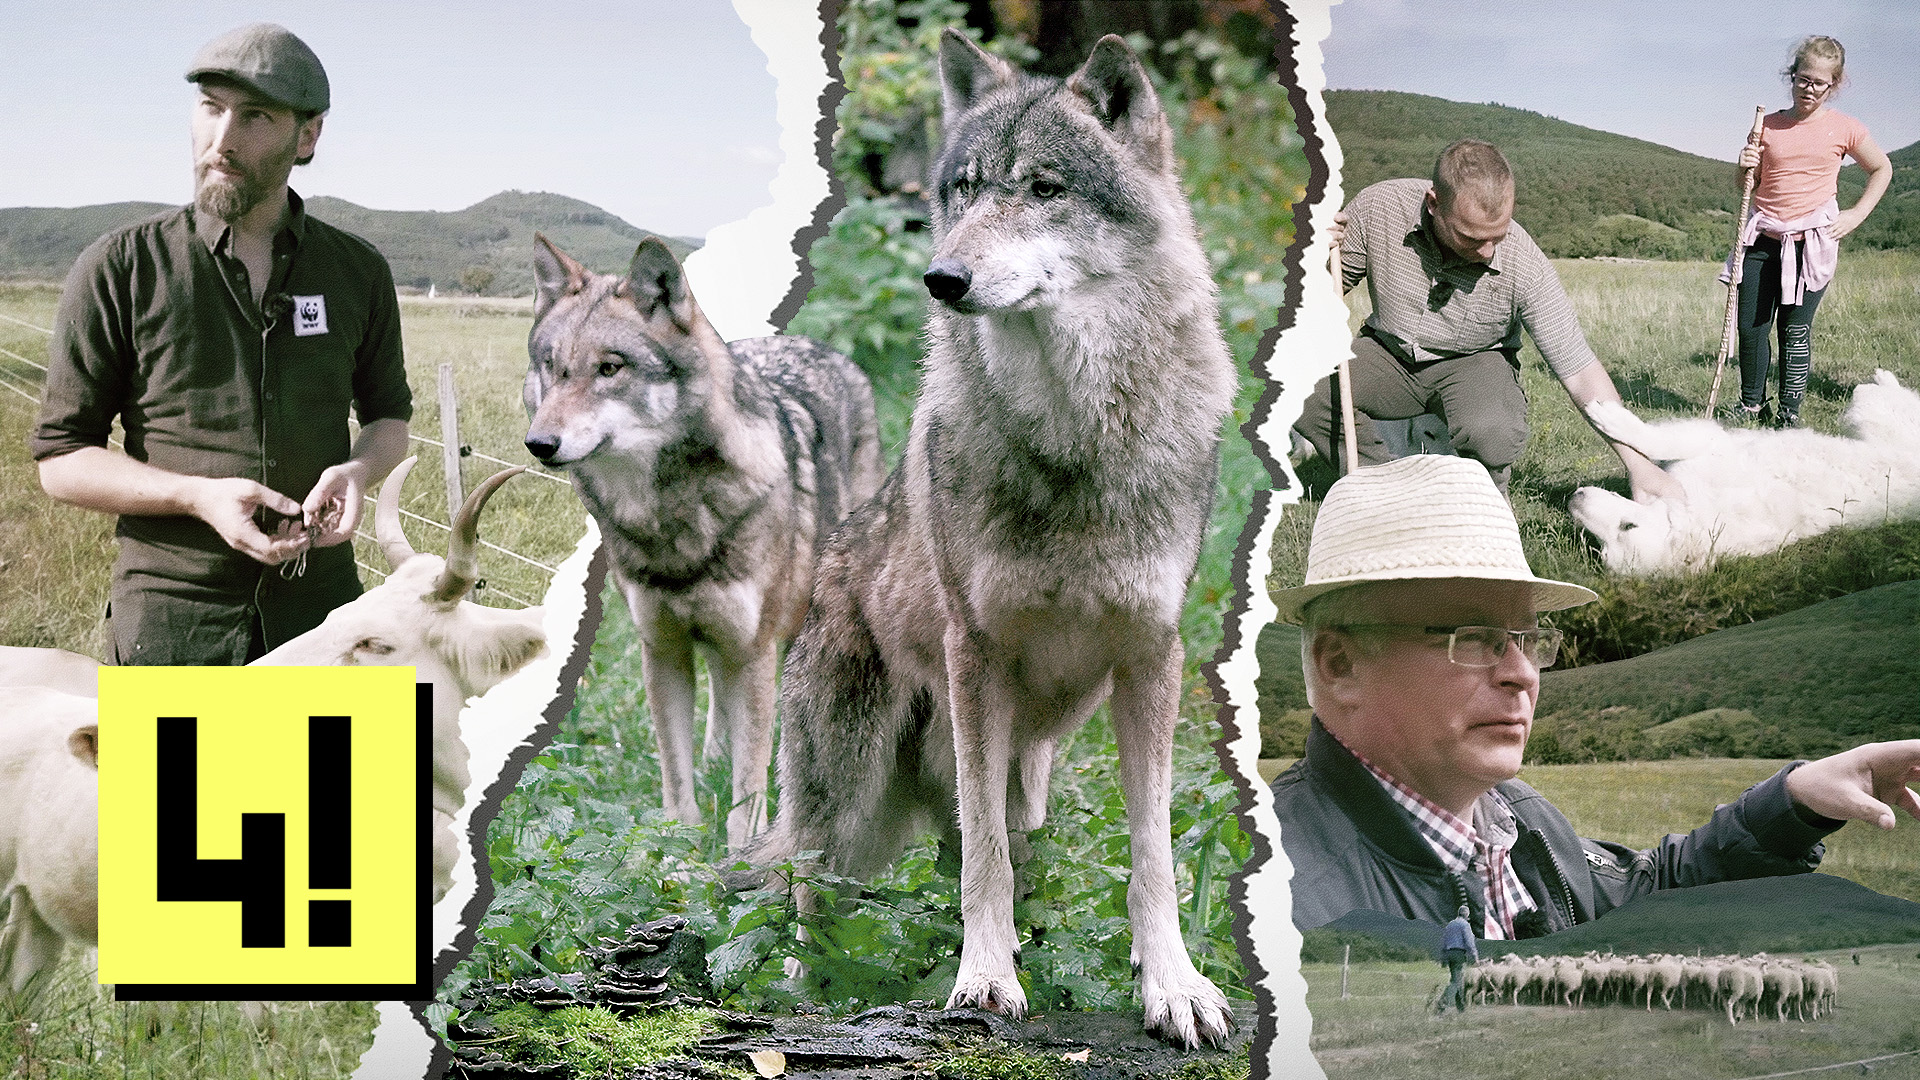 Itt az ideje újra megtanulnunk együtt élni a farkasokkal